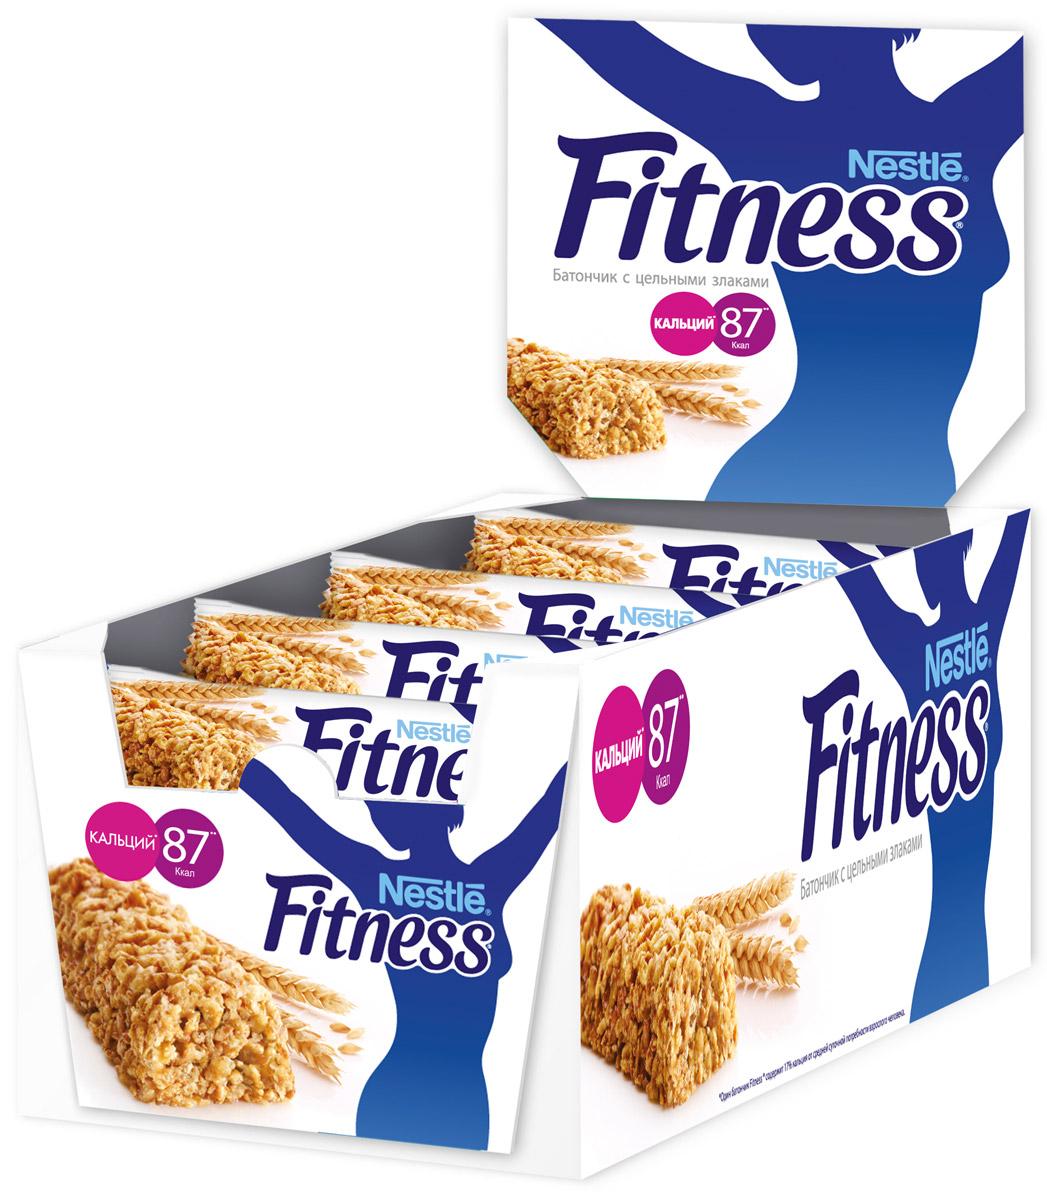 Nestle Fitness батончик с цельными злаками, 24 шт